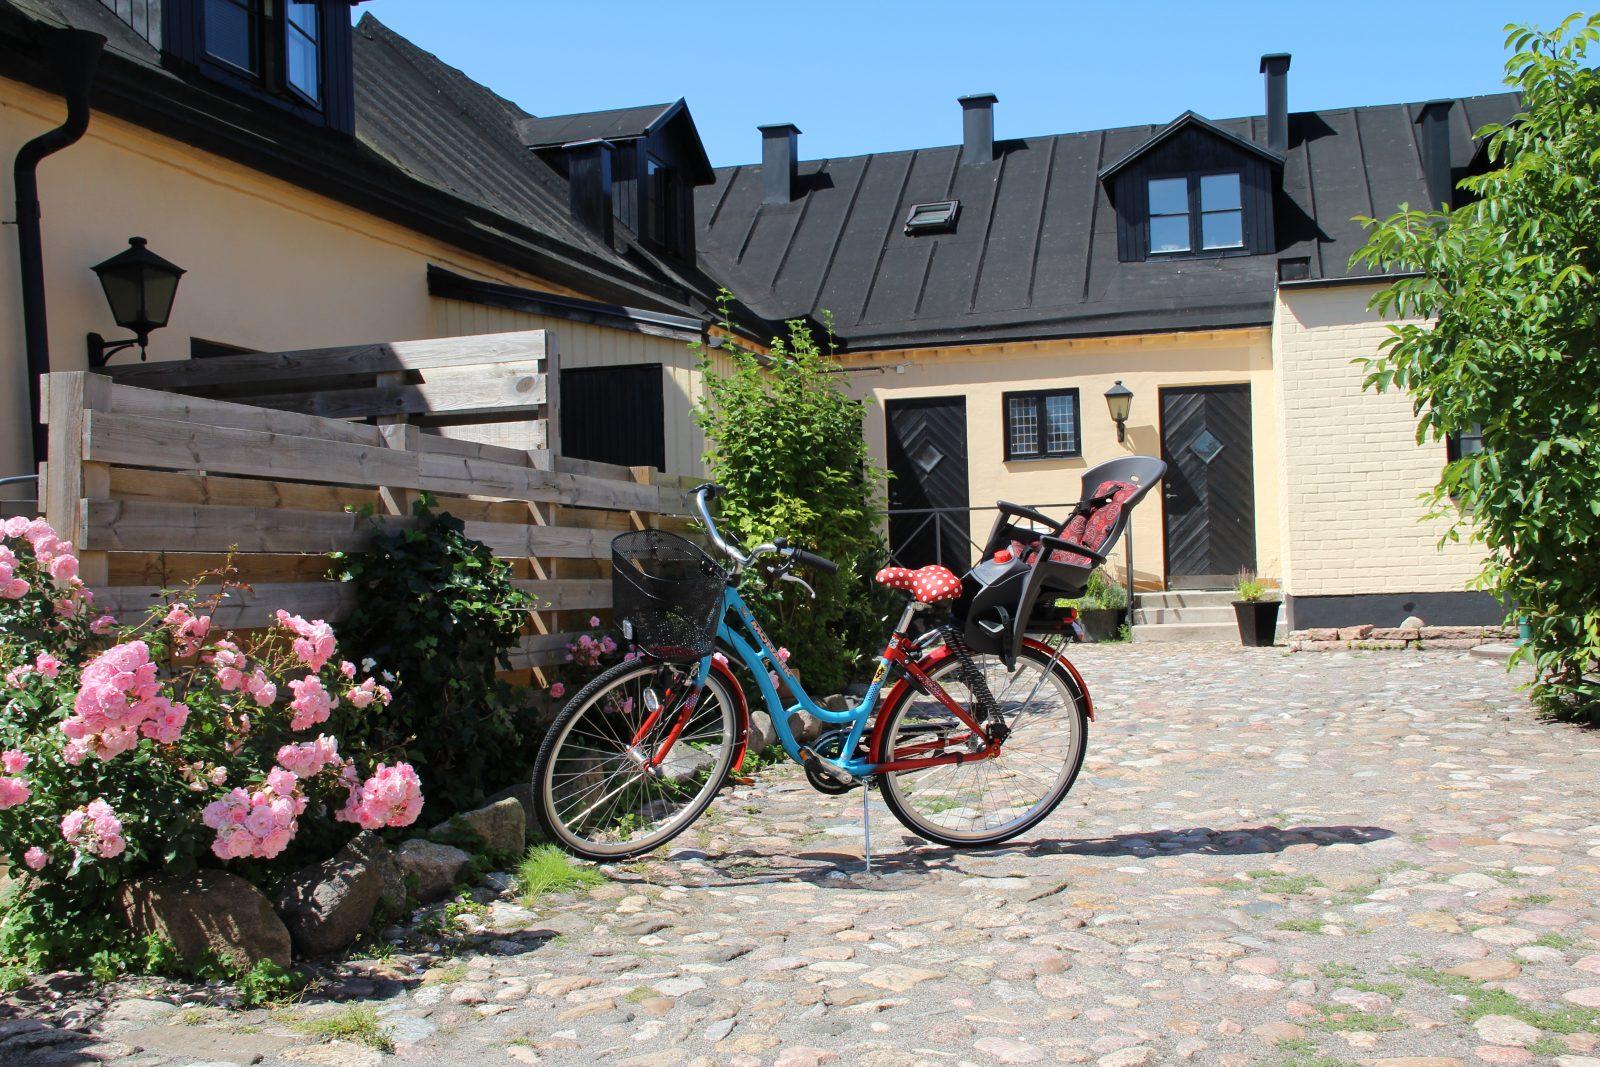 Medlemsförmån, fritidsboende. Bild från Ankaregården i Skanör.